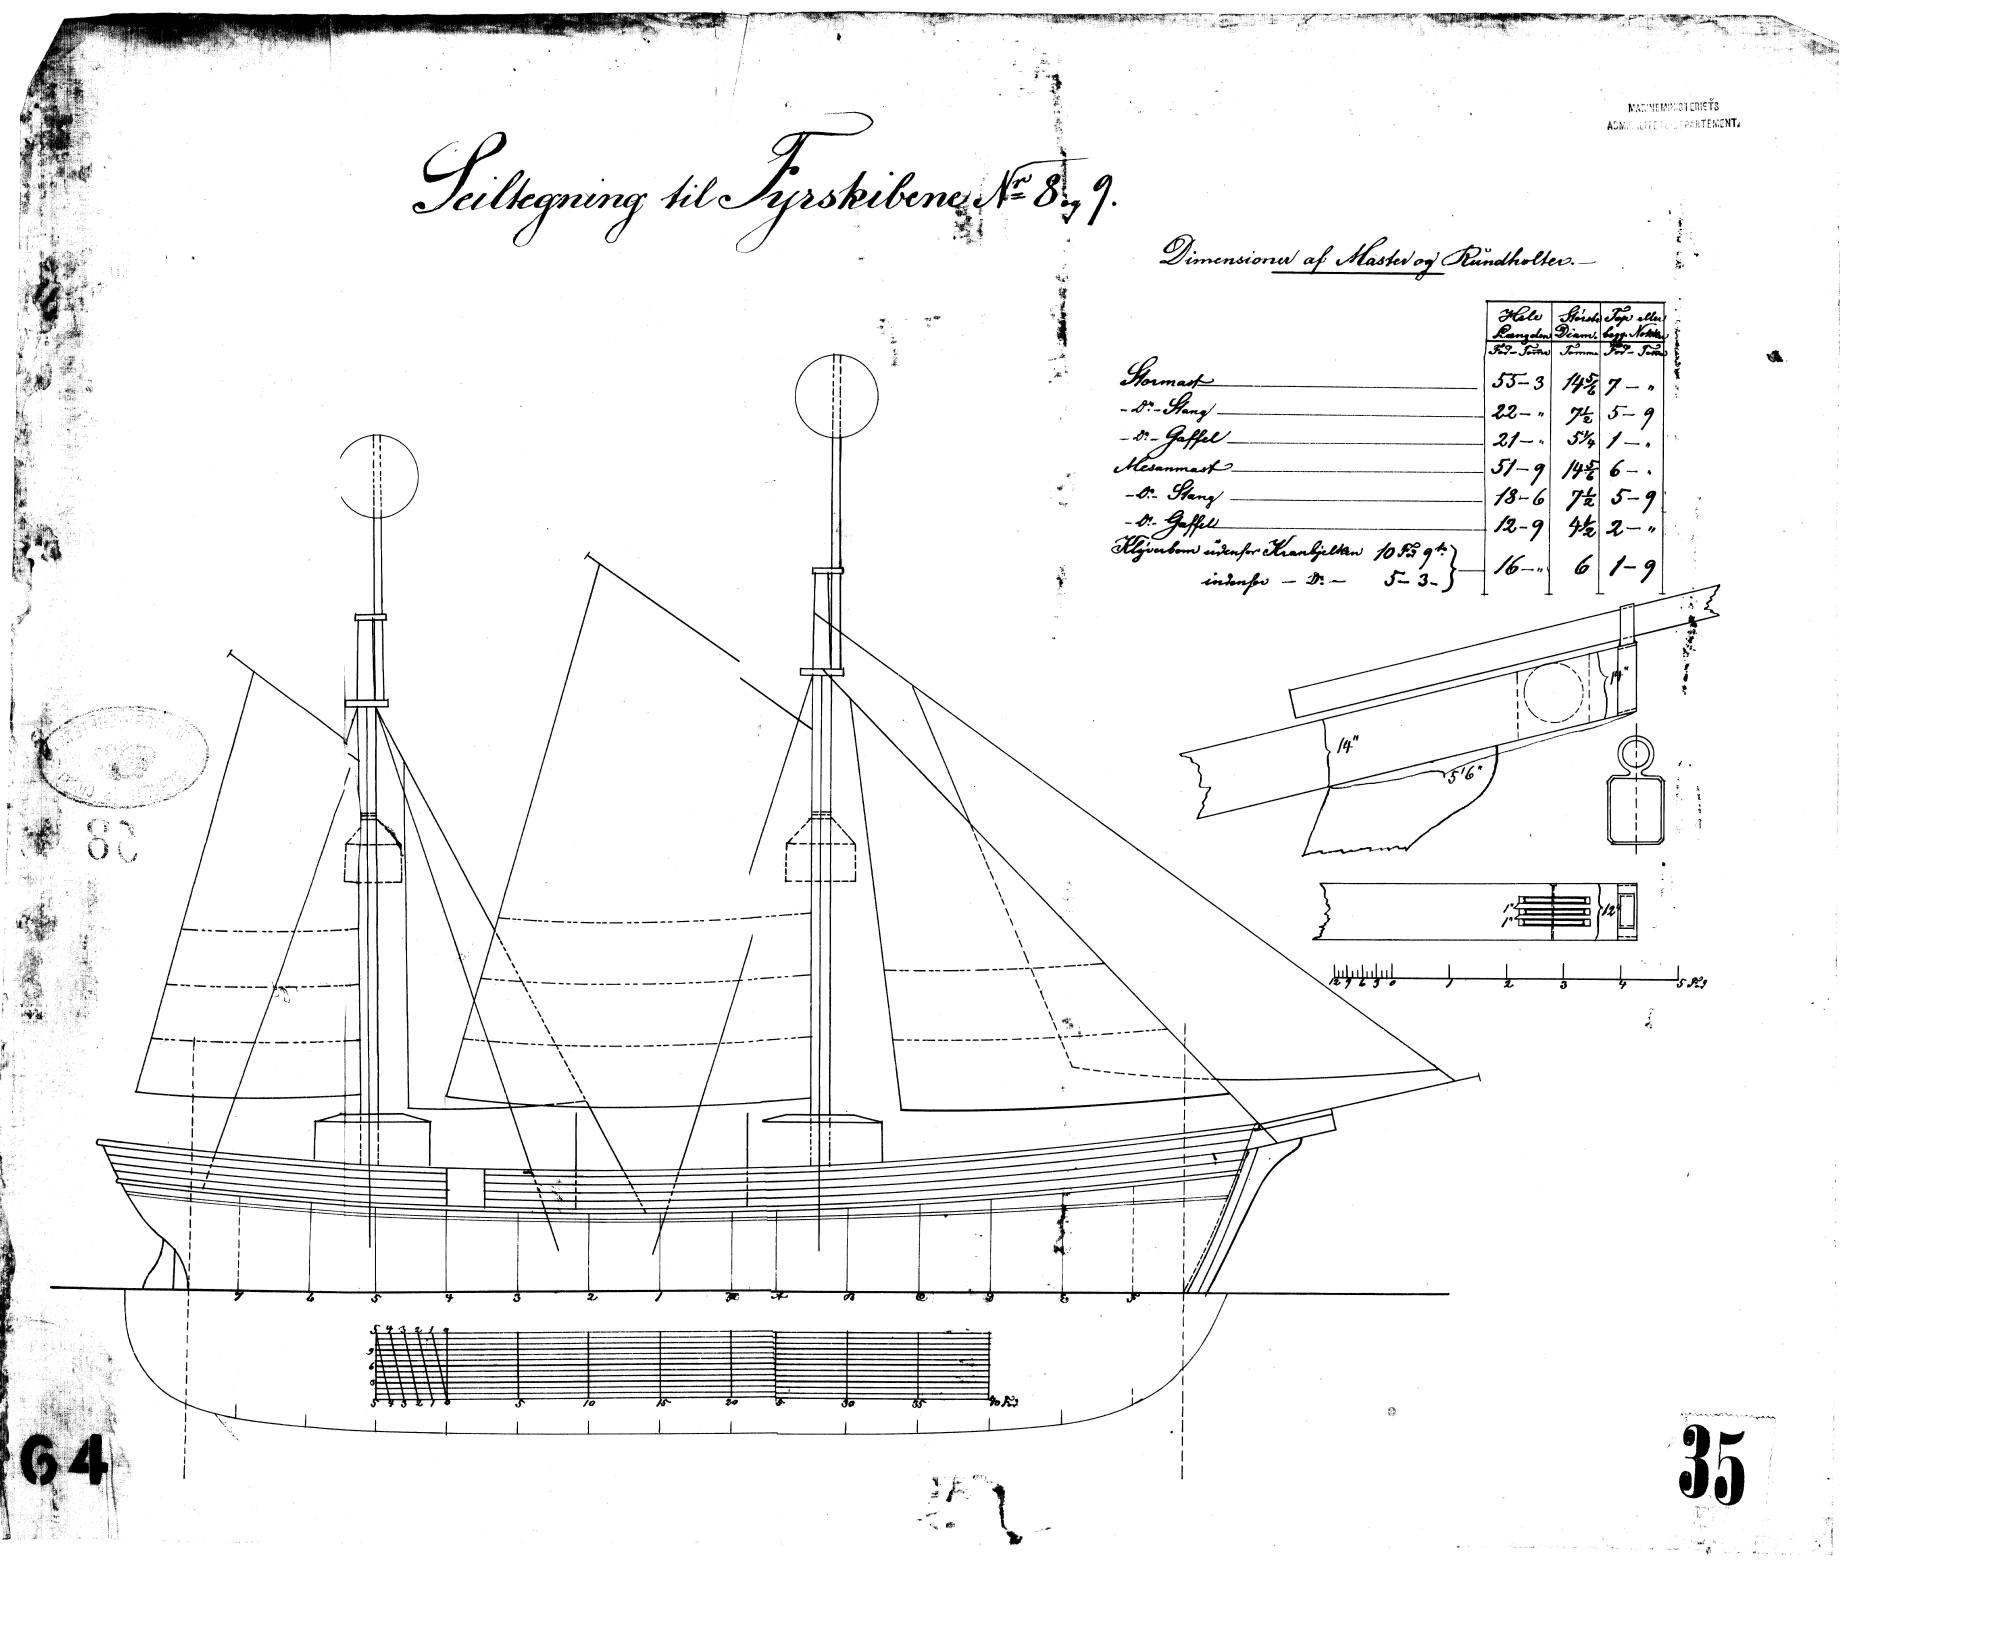 Sejltegning til Fyrskib no. VIII - IX